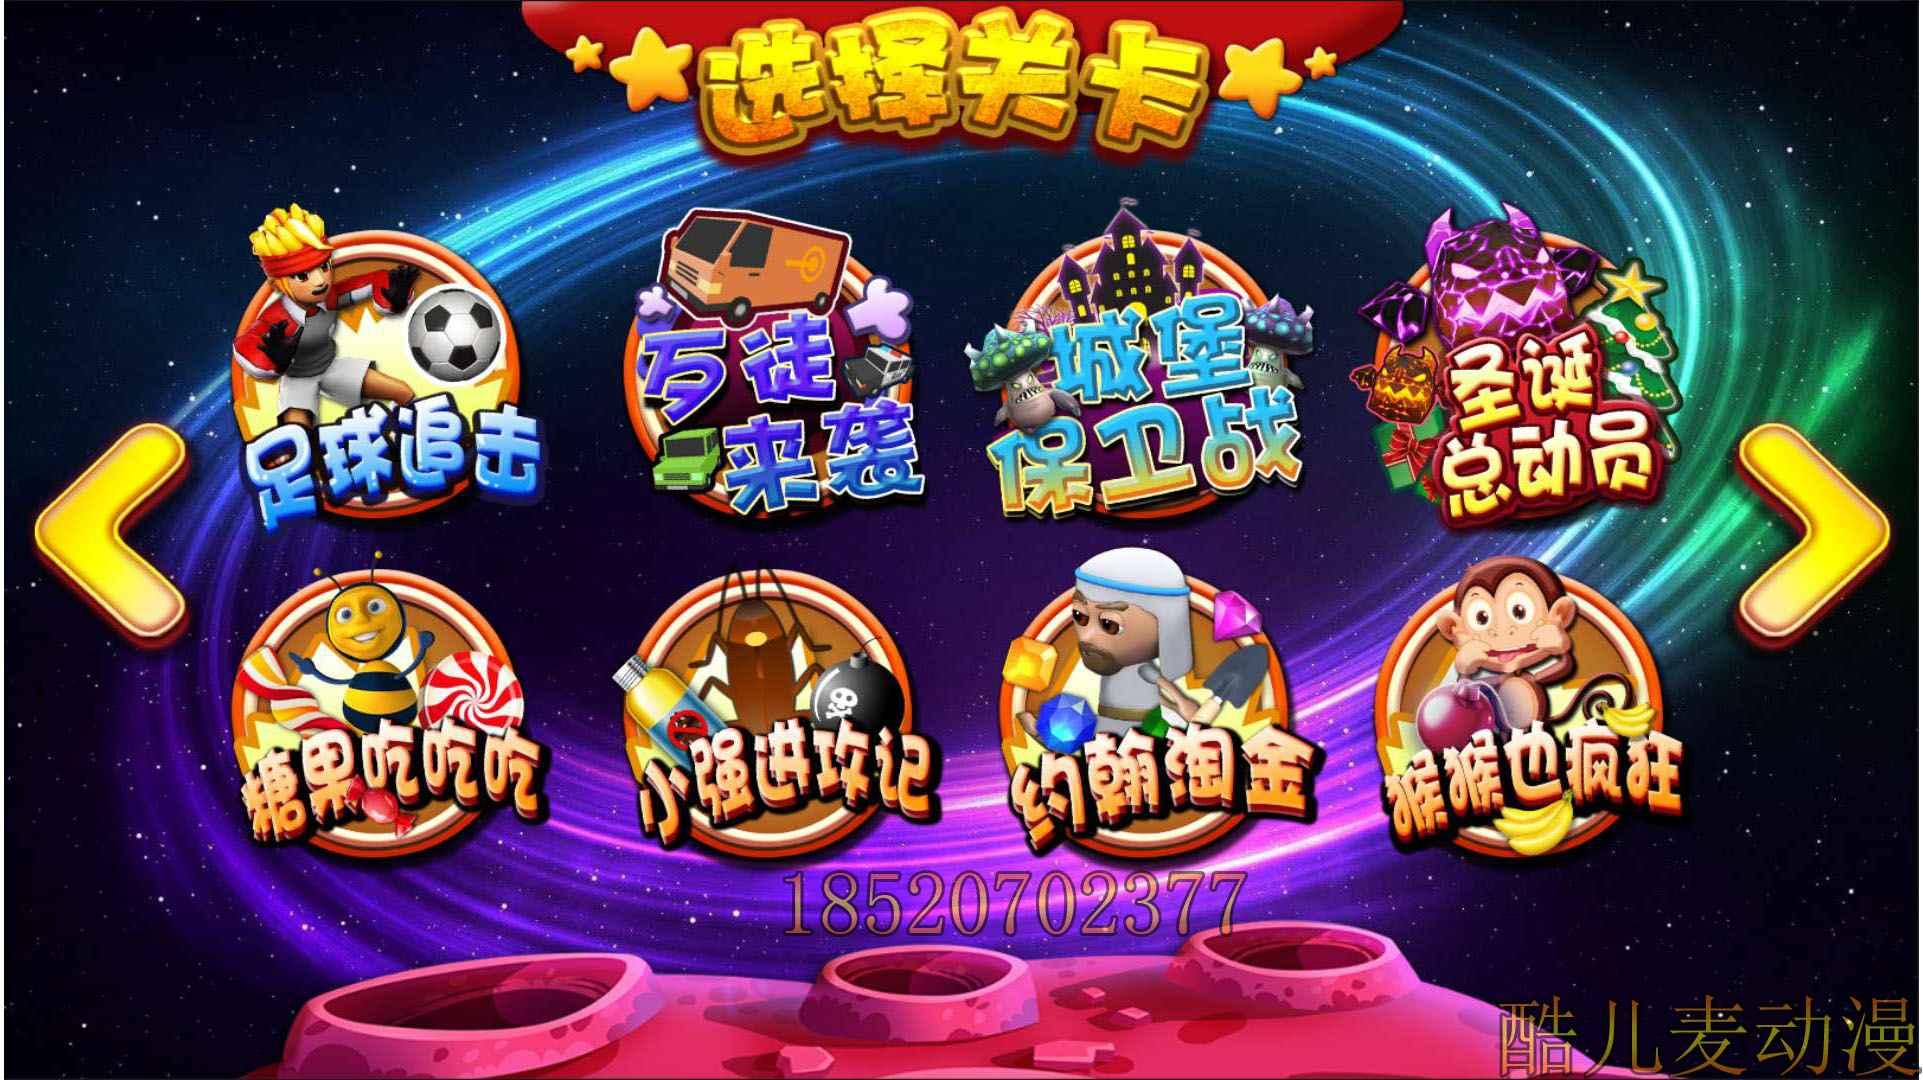 要买优质的投影互动砸球游乐设备,当选广州酷儿麦动漫科技 投影广告机